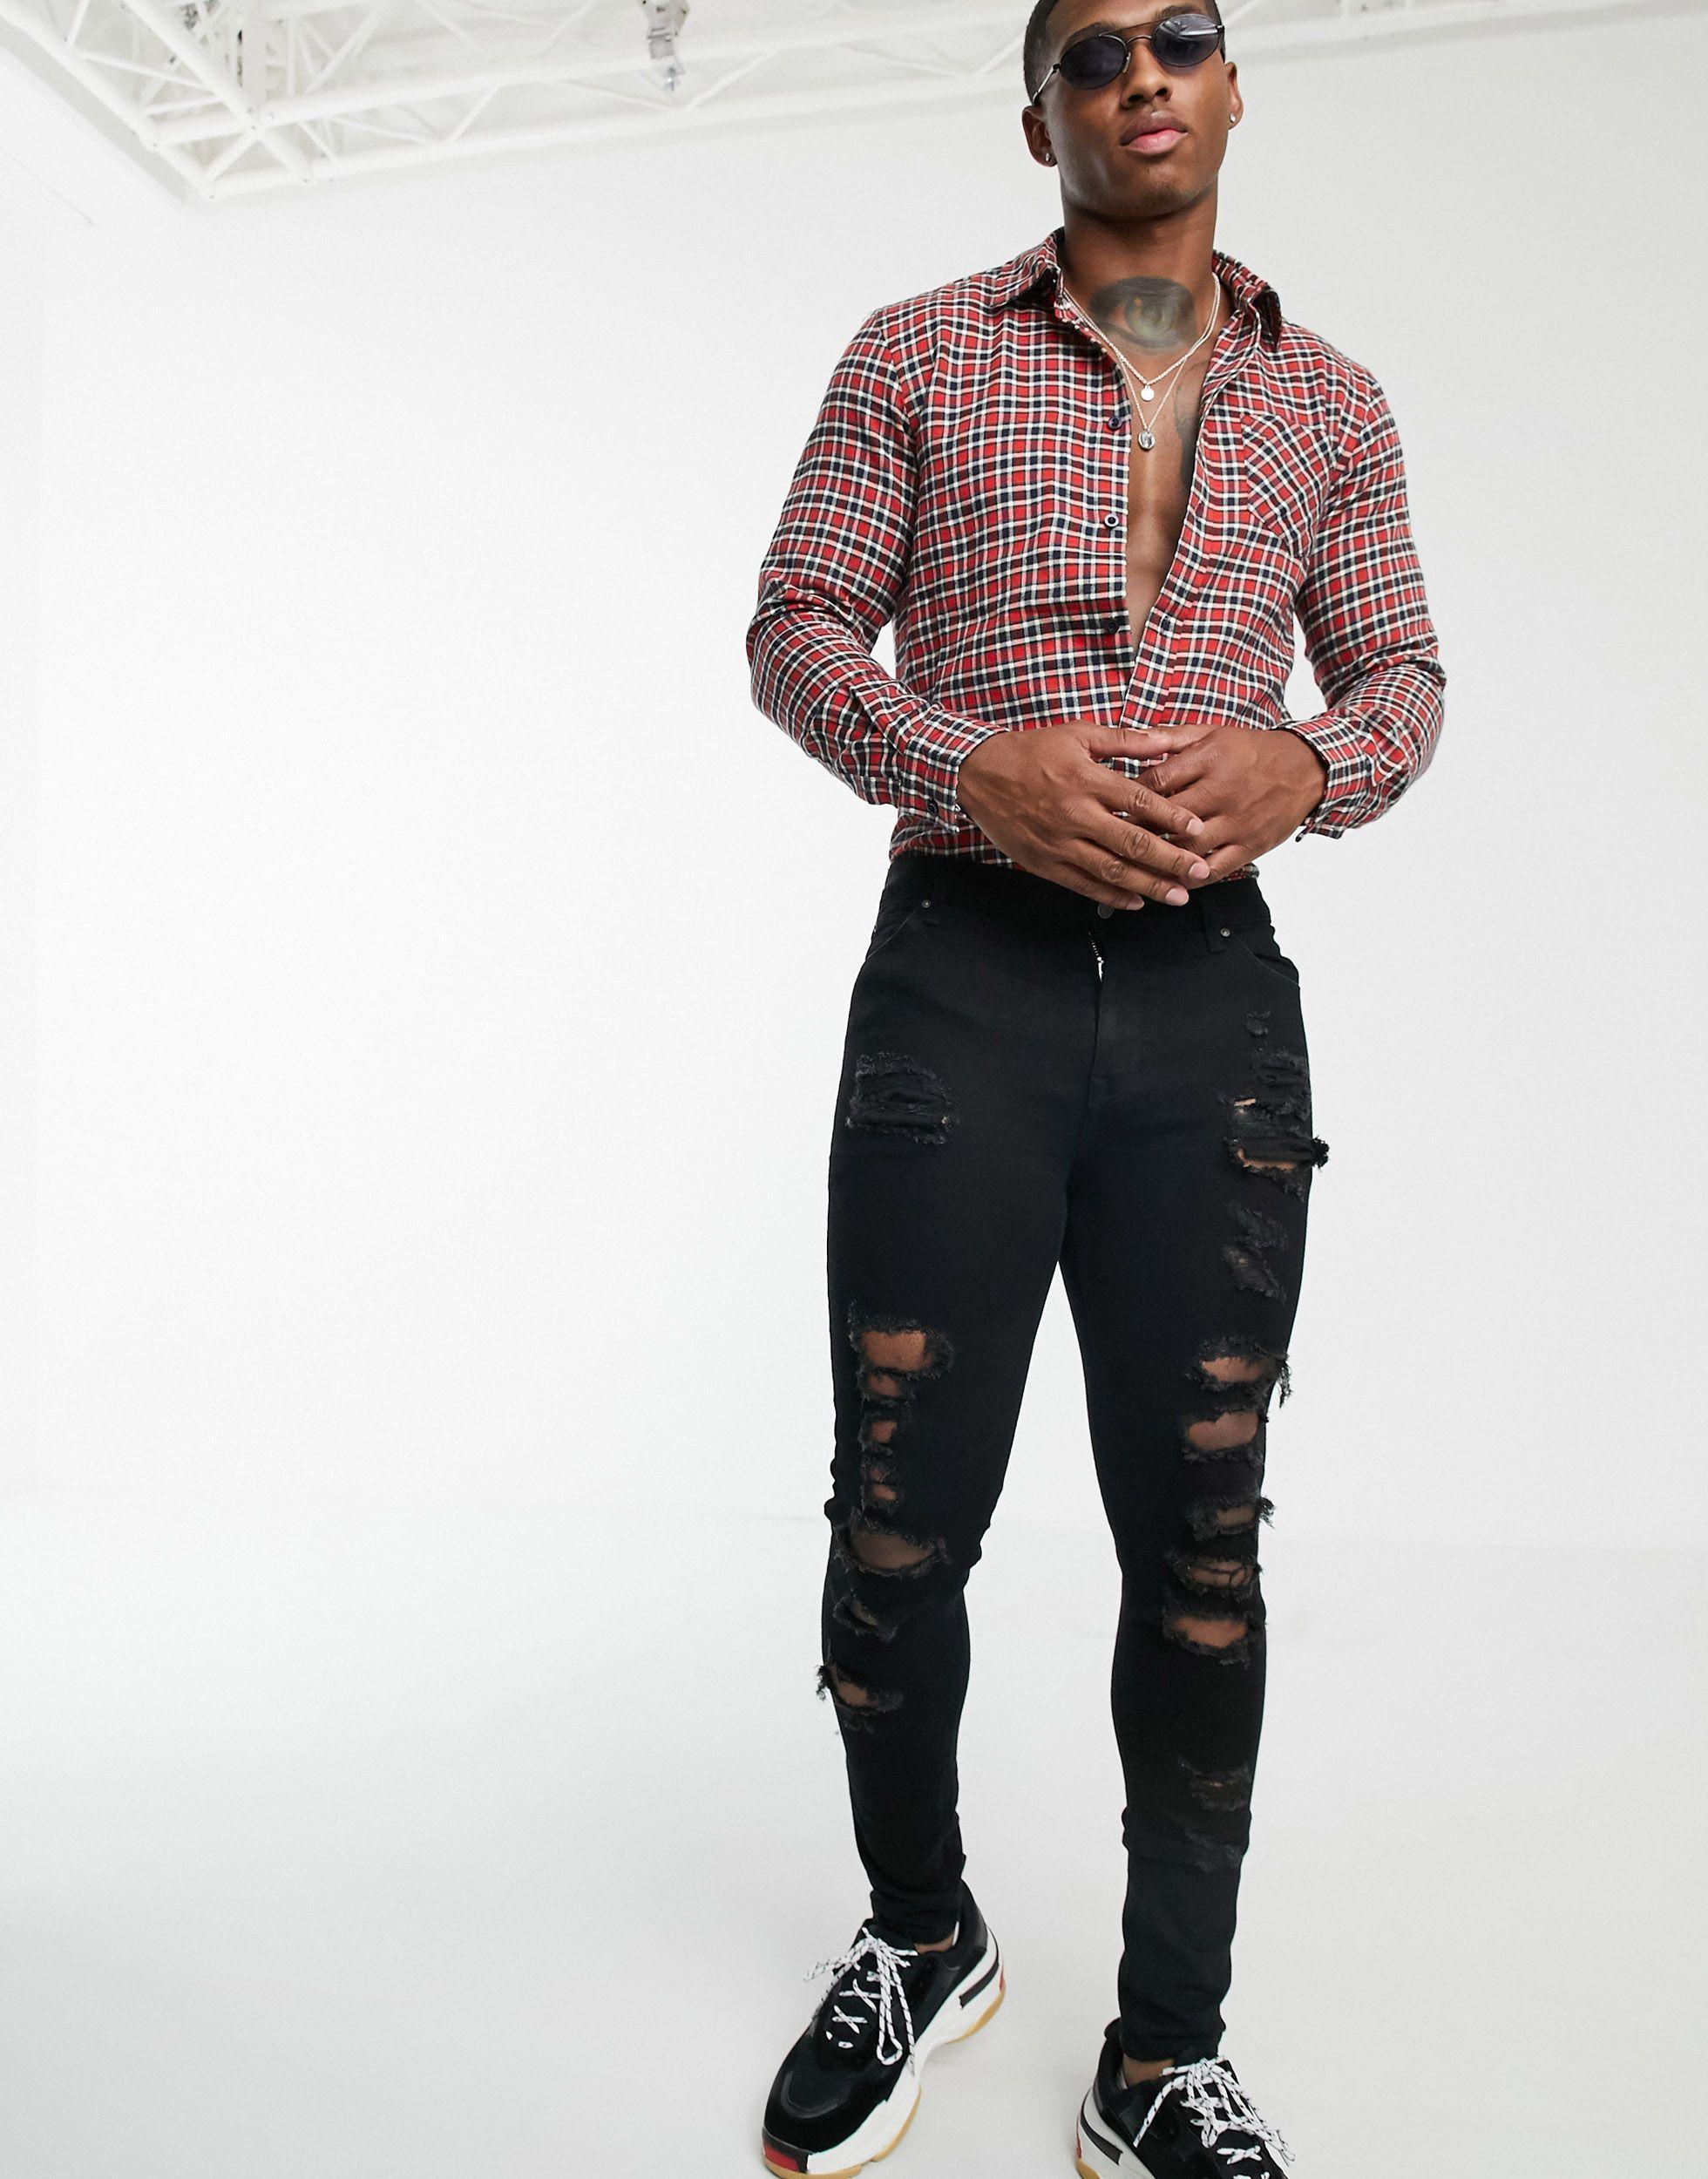 BoohooMAN Denim Geruit Overhemd Met Lange Mouwen in het Rood voor heren